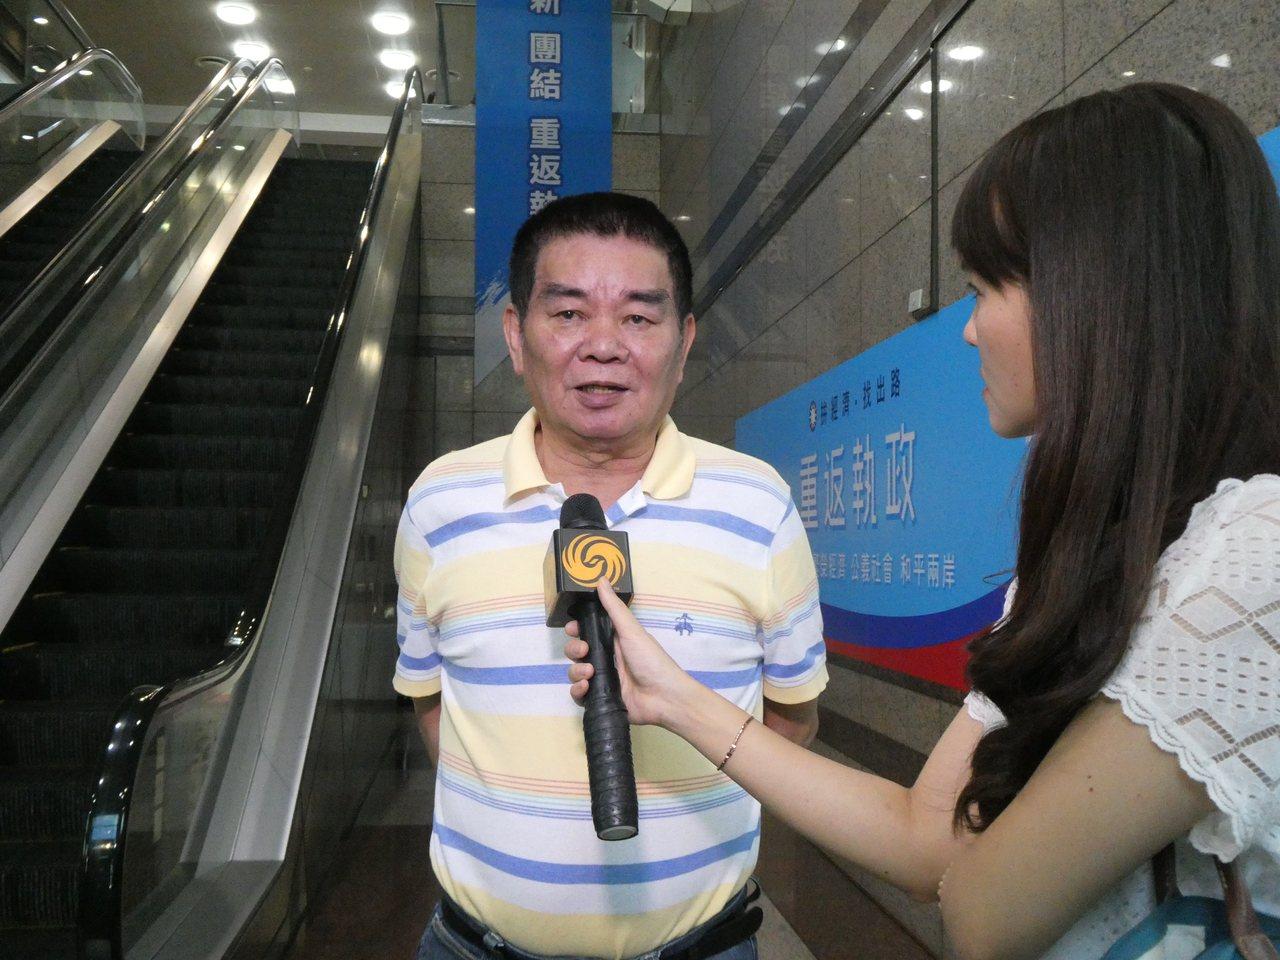 中常委姚江臨表示,攻擊韓國瑜的言論,就像出麻疹一樣,馬上就出完了。記者周志豪/攝...